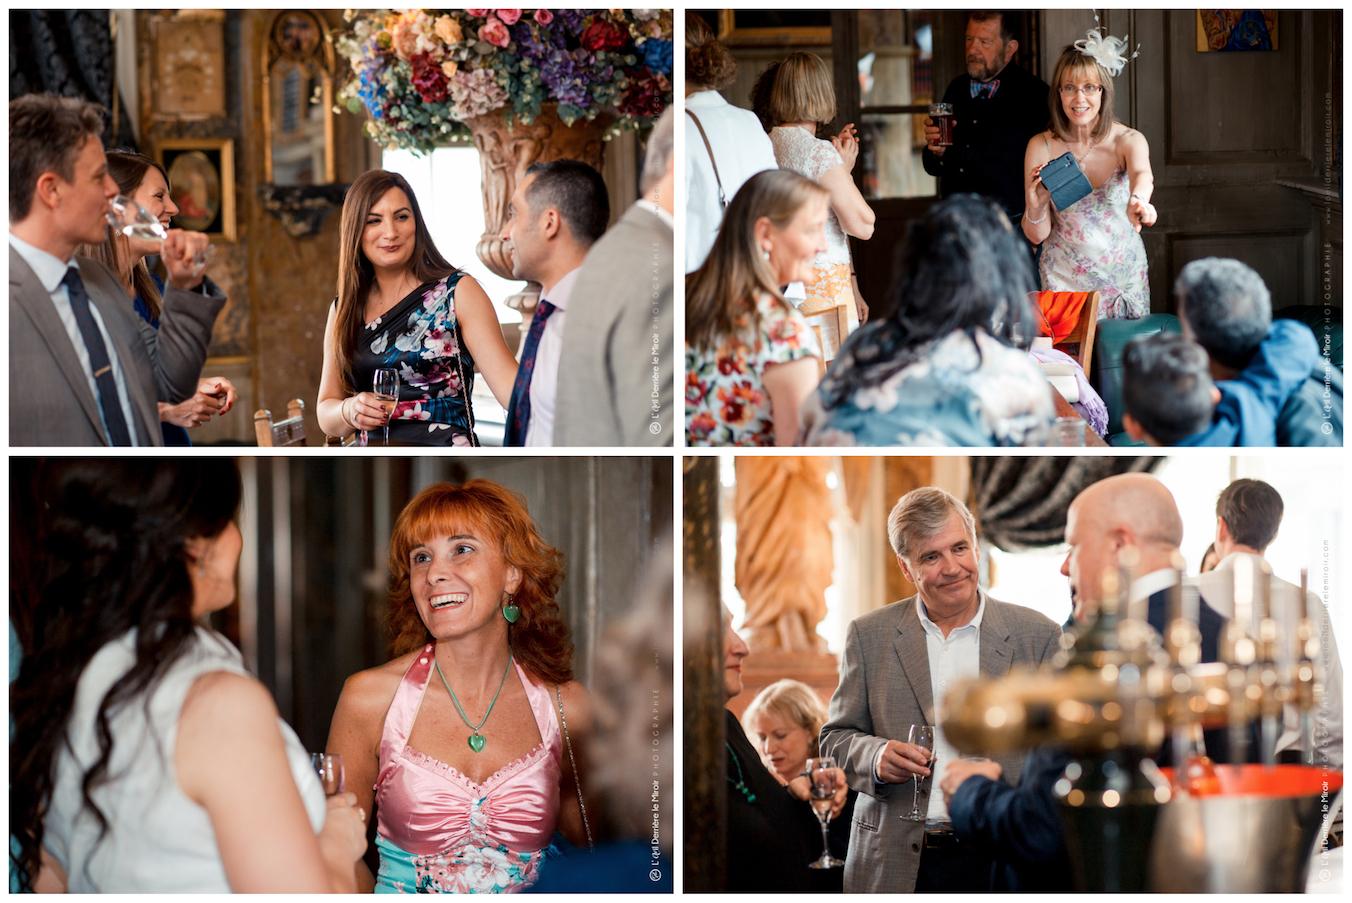 London-wedding-photographer-ag-16